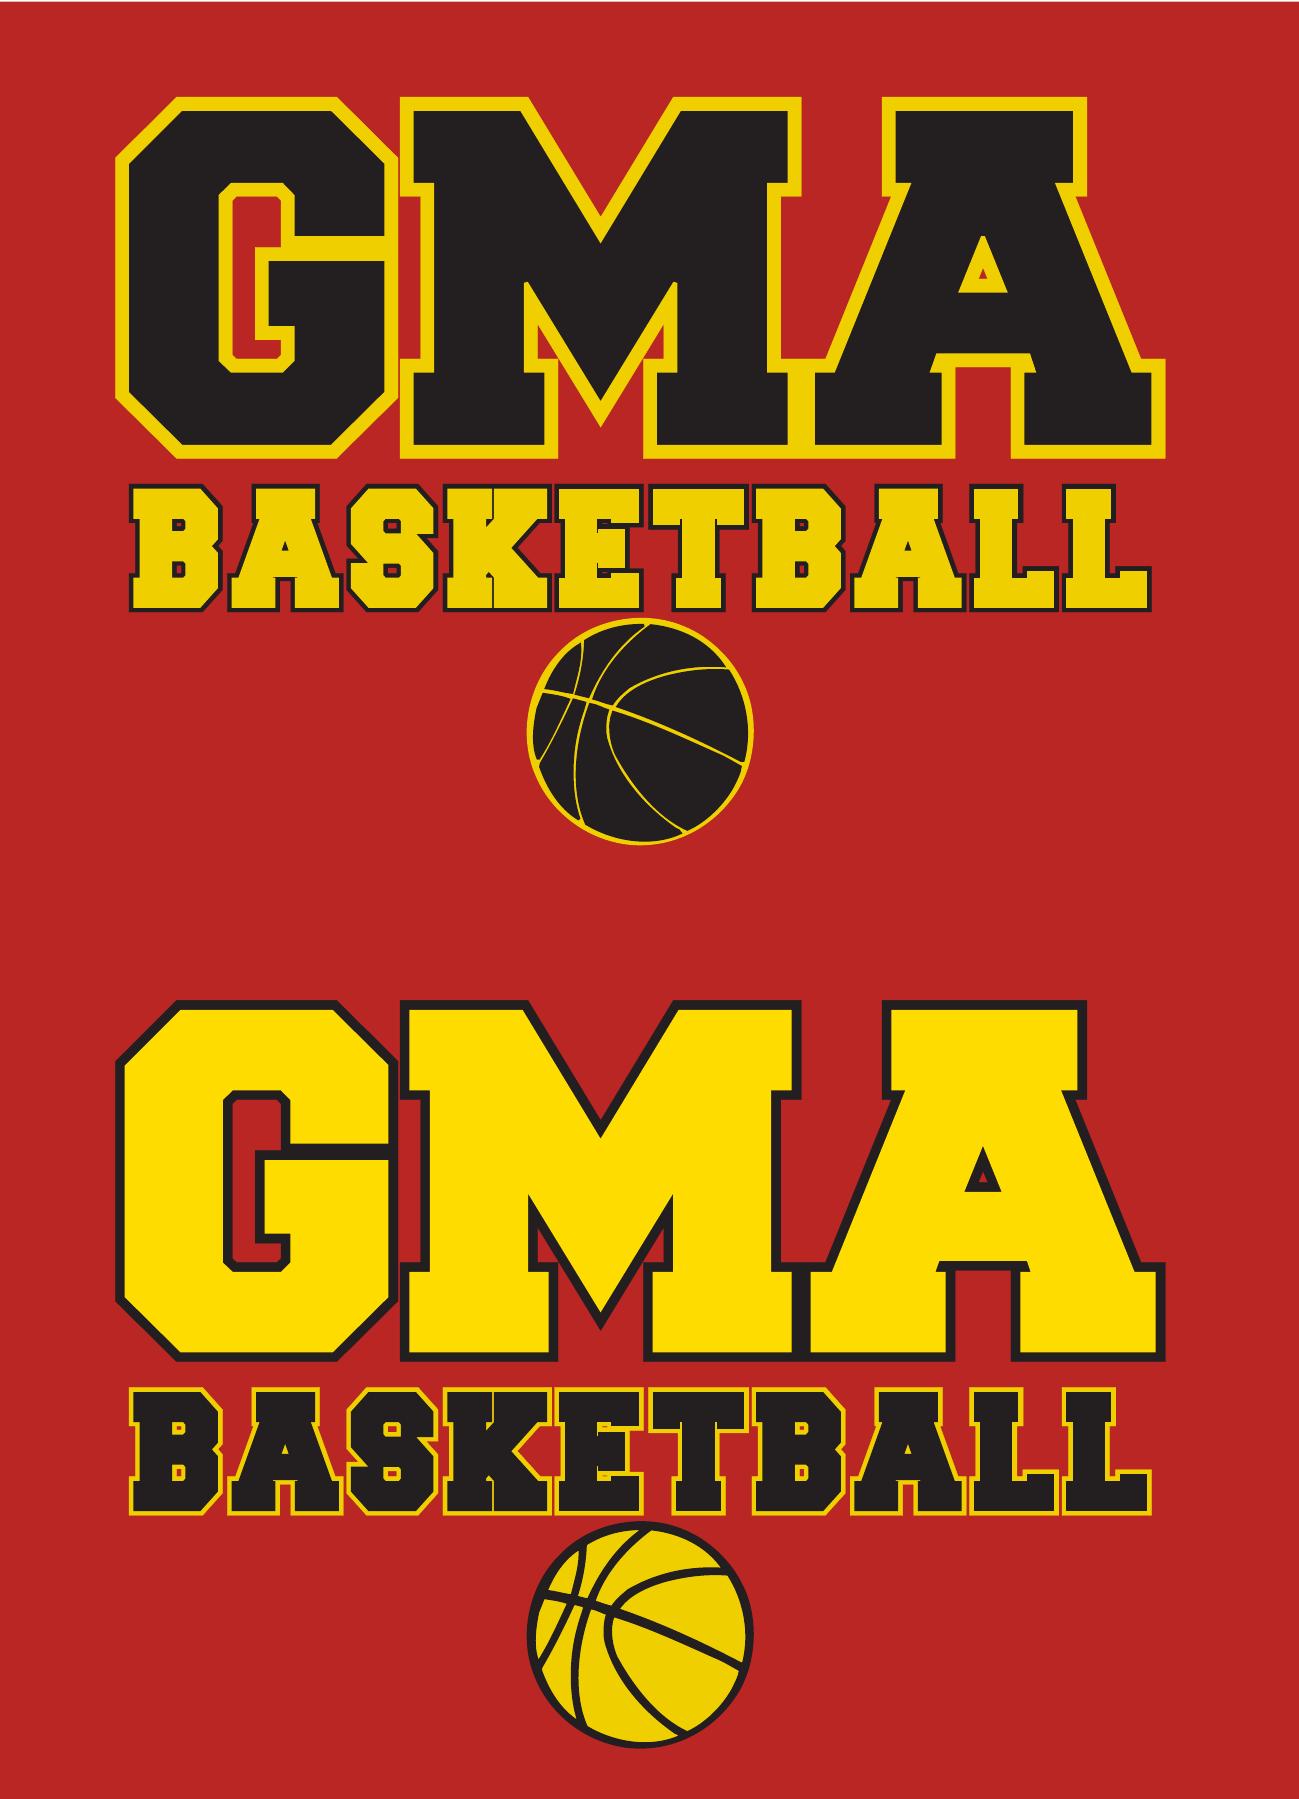 Gwynedd Mercy Basketball GMA Monarchs 36776